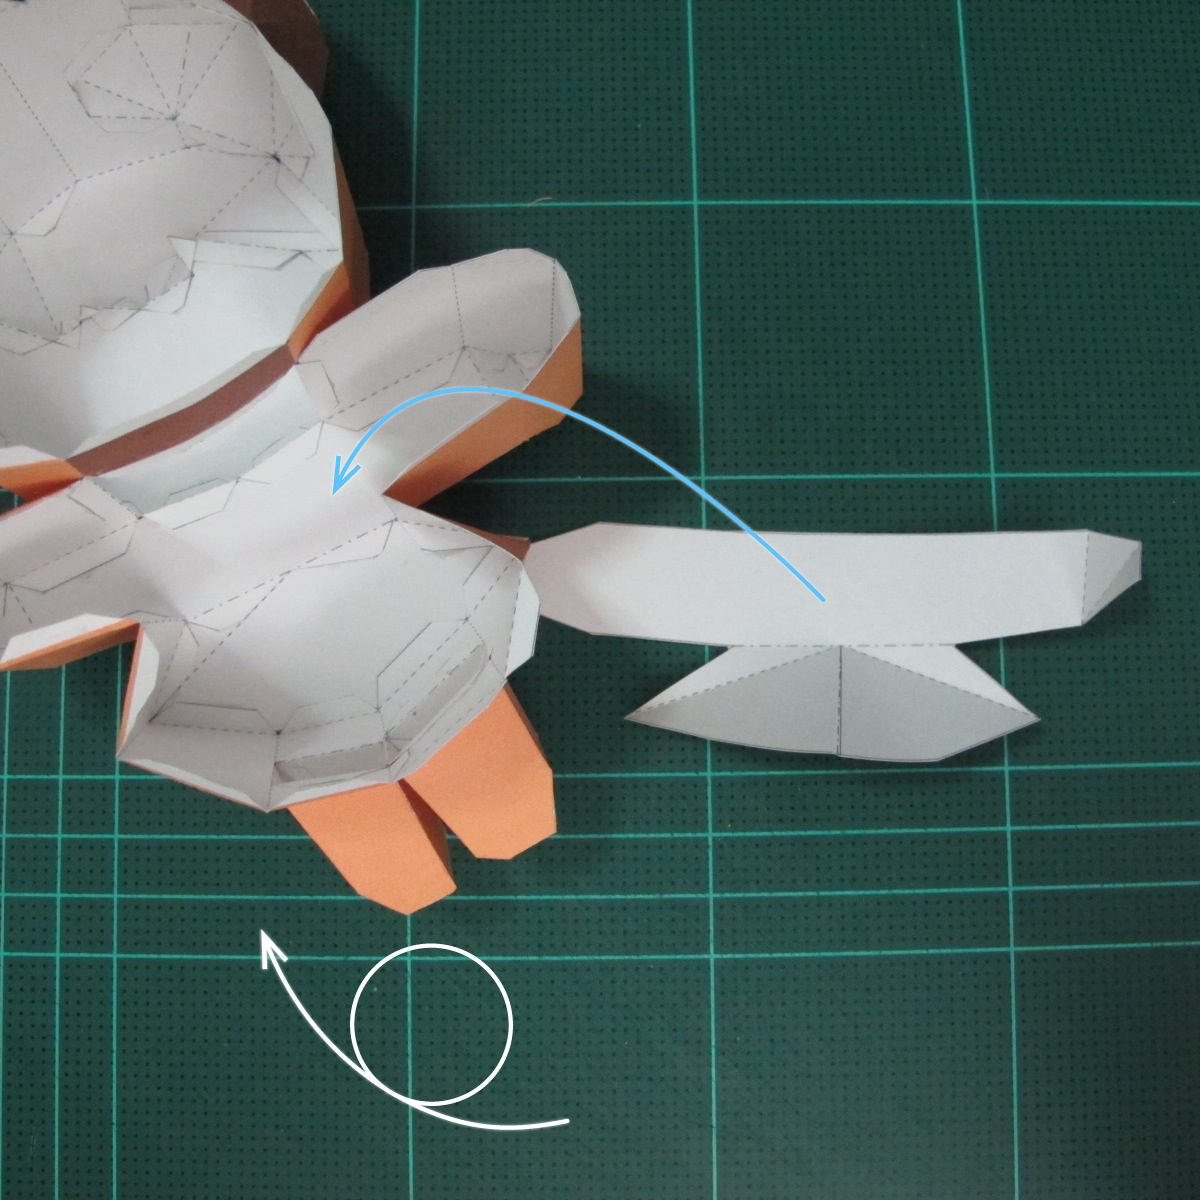 วิธีทำโมเดลกระดาษตุ้กตา คุกกี้สาวผู้ร่าเริง จากเกมส์คุกกี้รัน (LINE Cookie Run – Bright Cookie Papercraft Model) 022